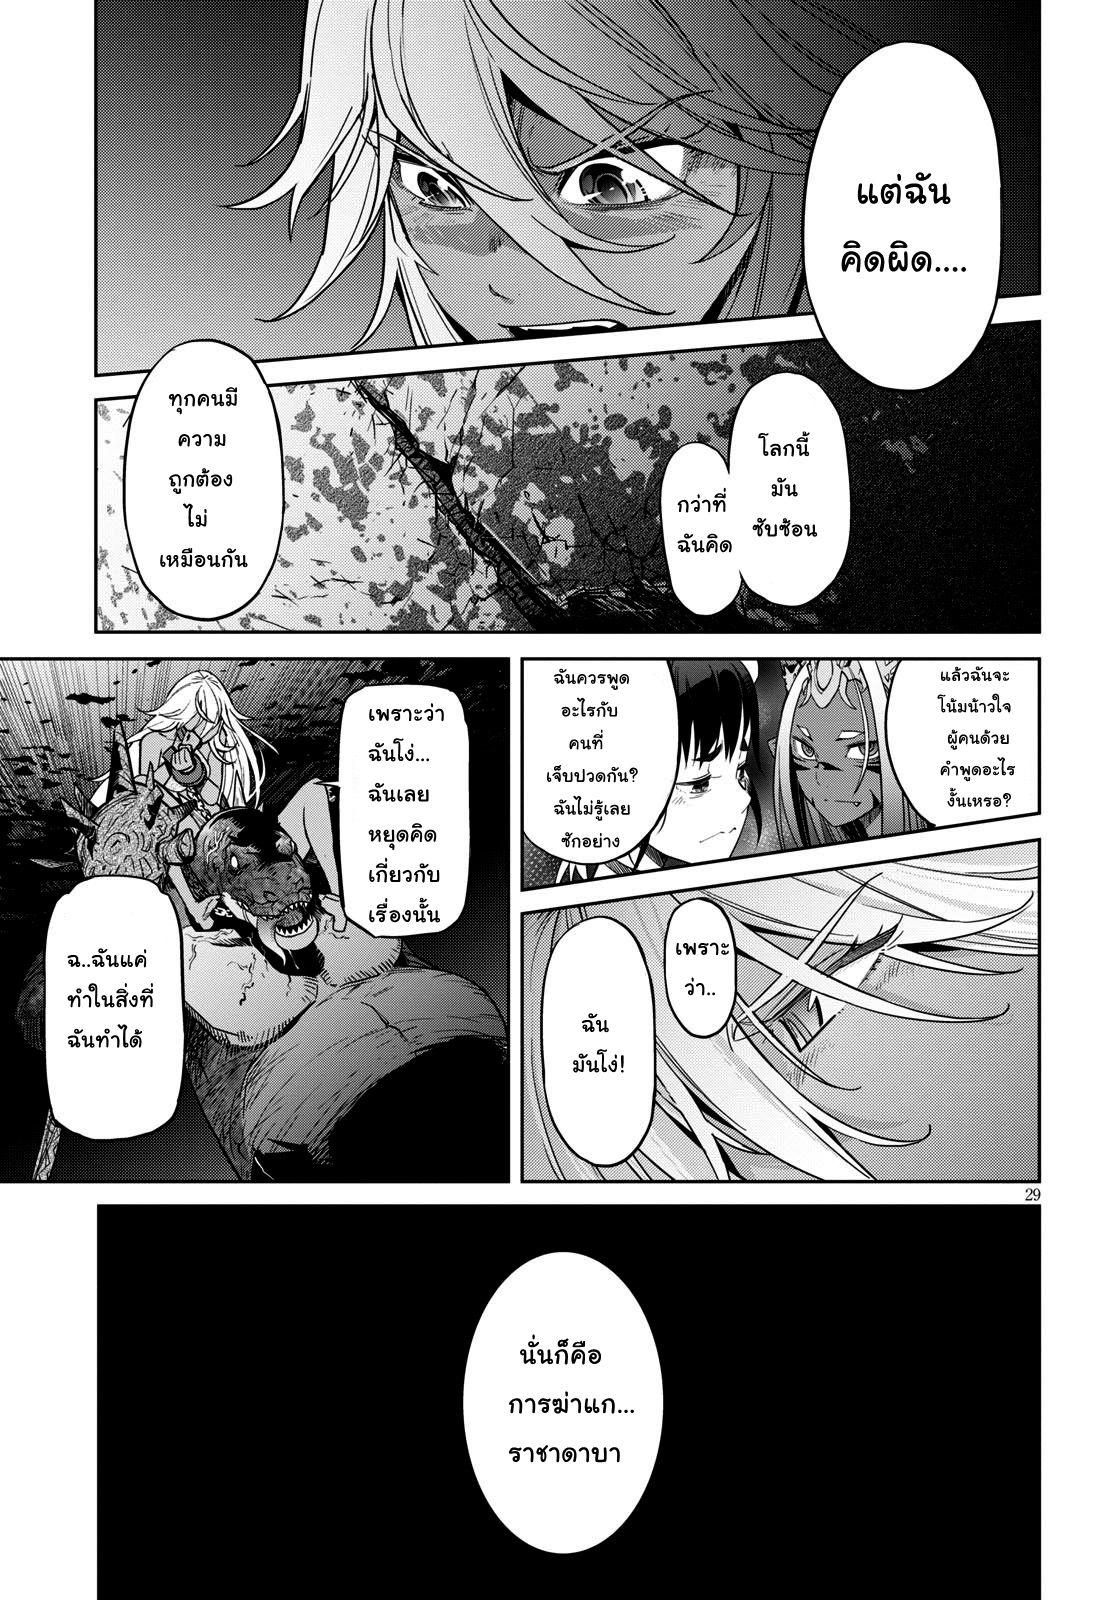 อ่านการ์ตูน Game obu Familia - Family Senki ตอนที่ 11 หน้าที่ 30